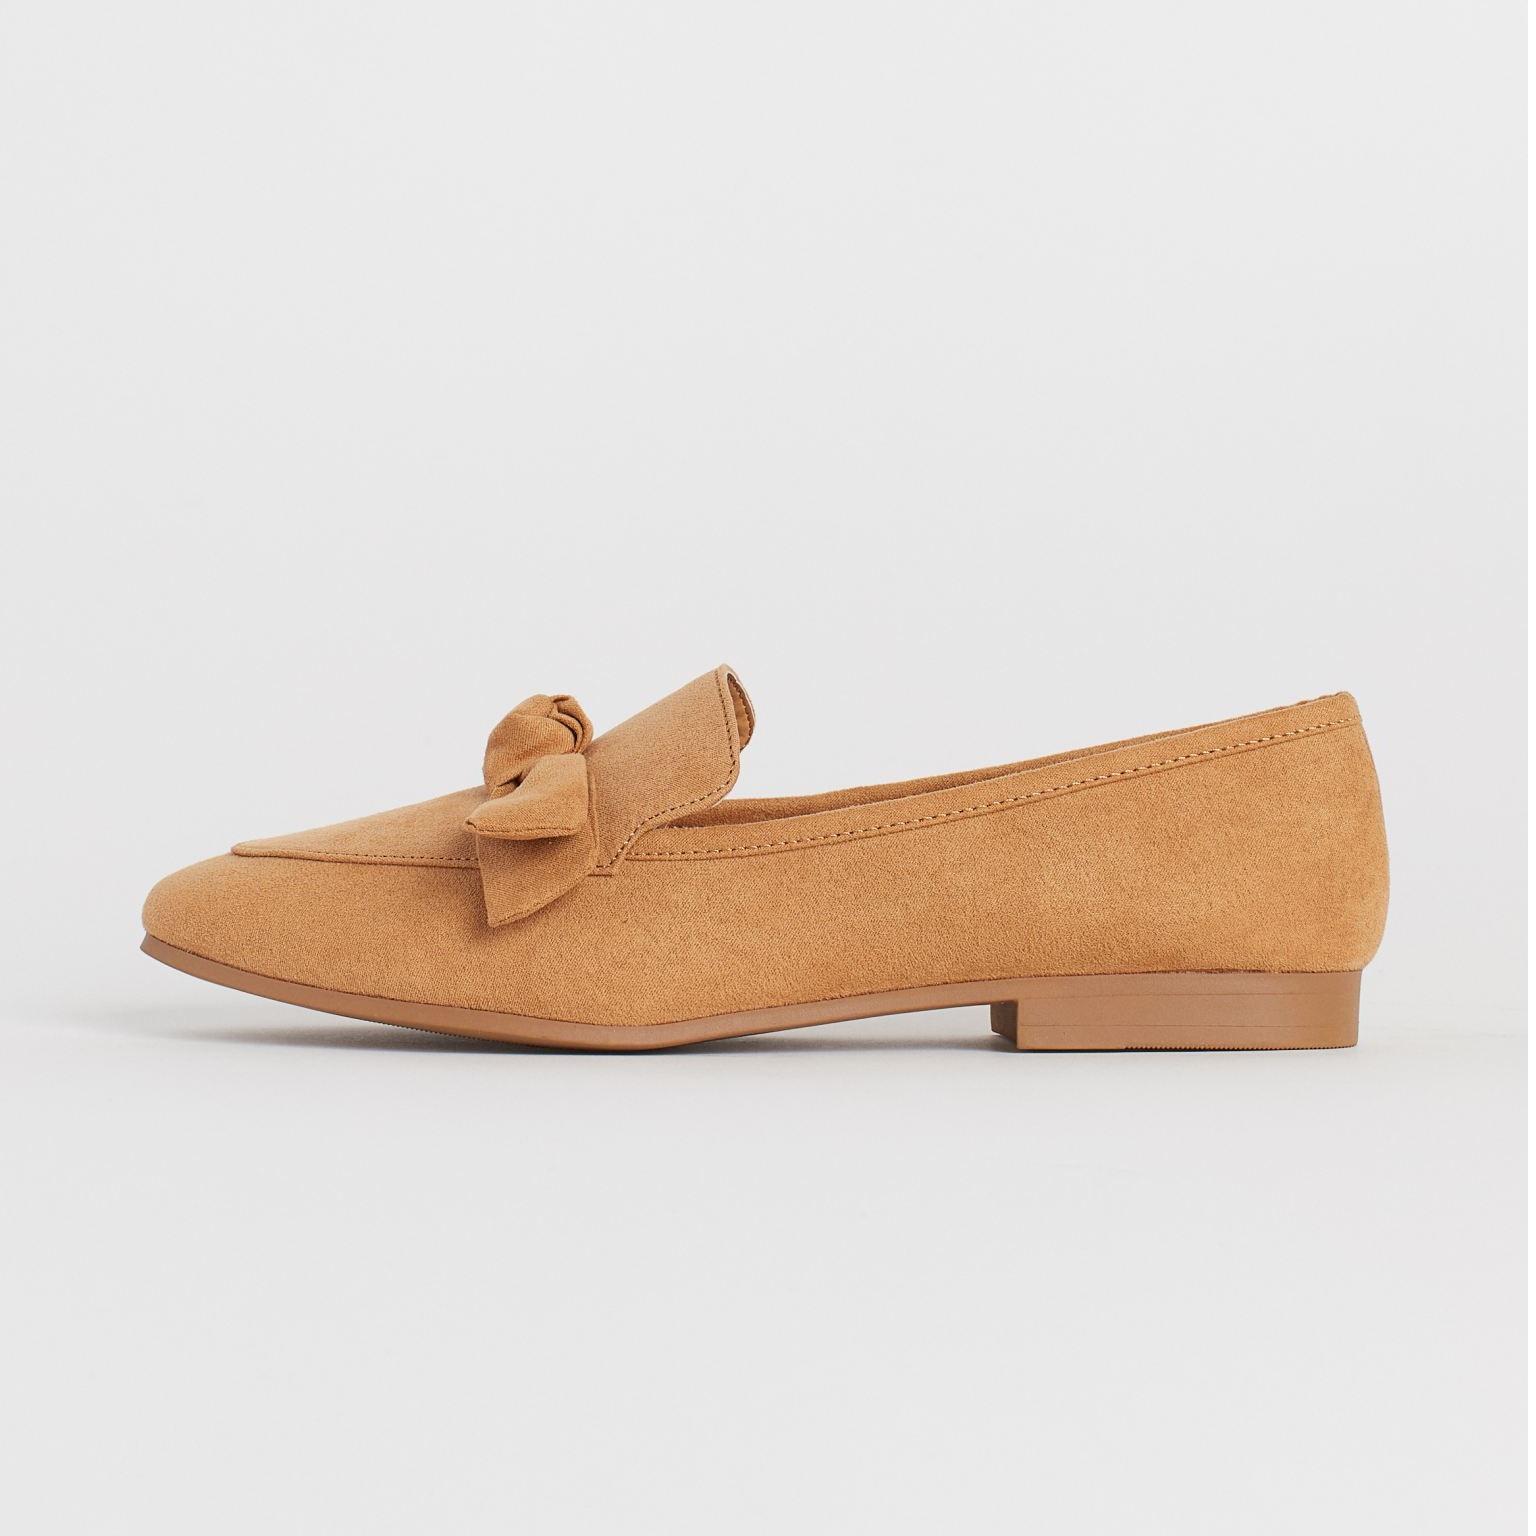 کفش زنانه اچ اند ام مدل 00554